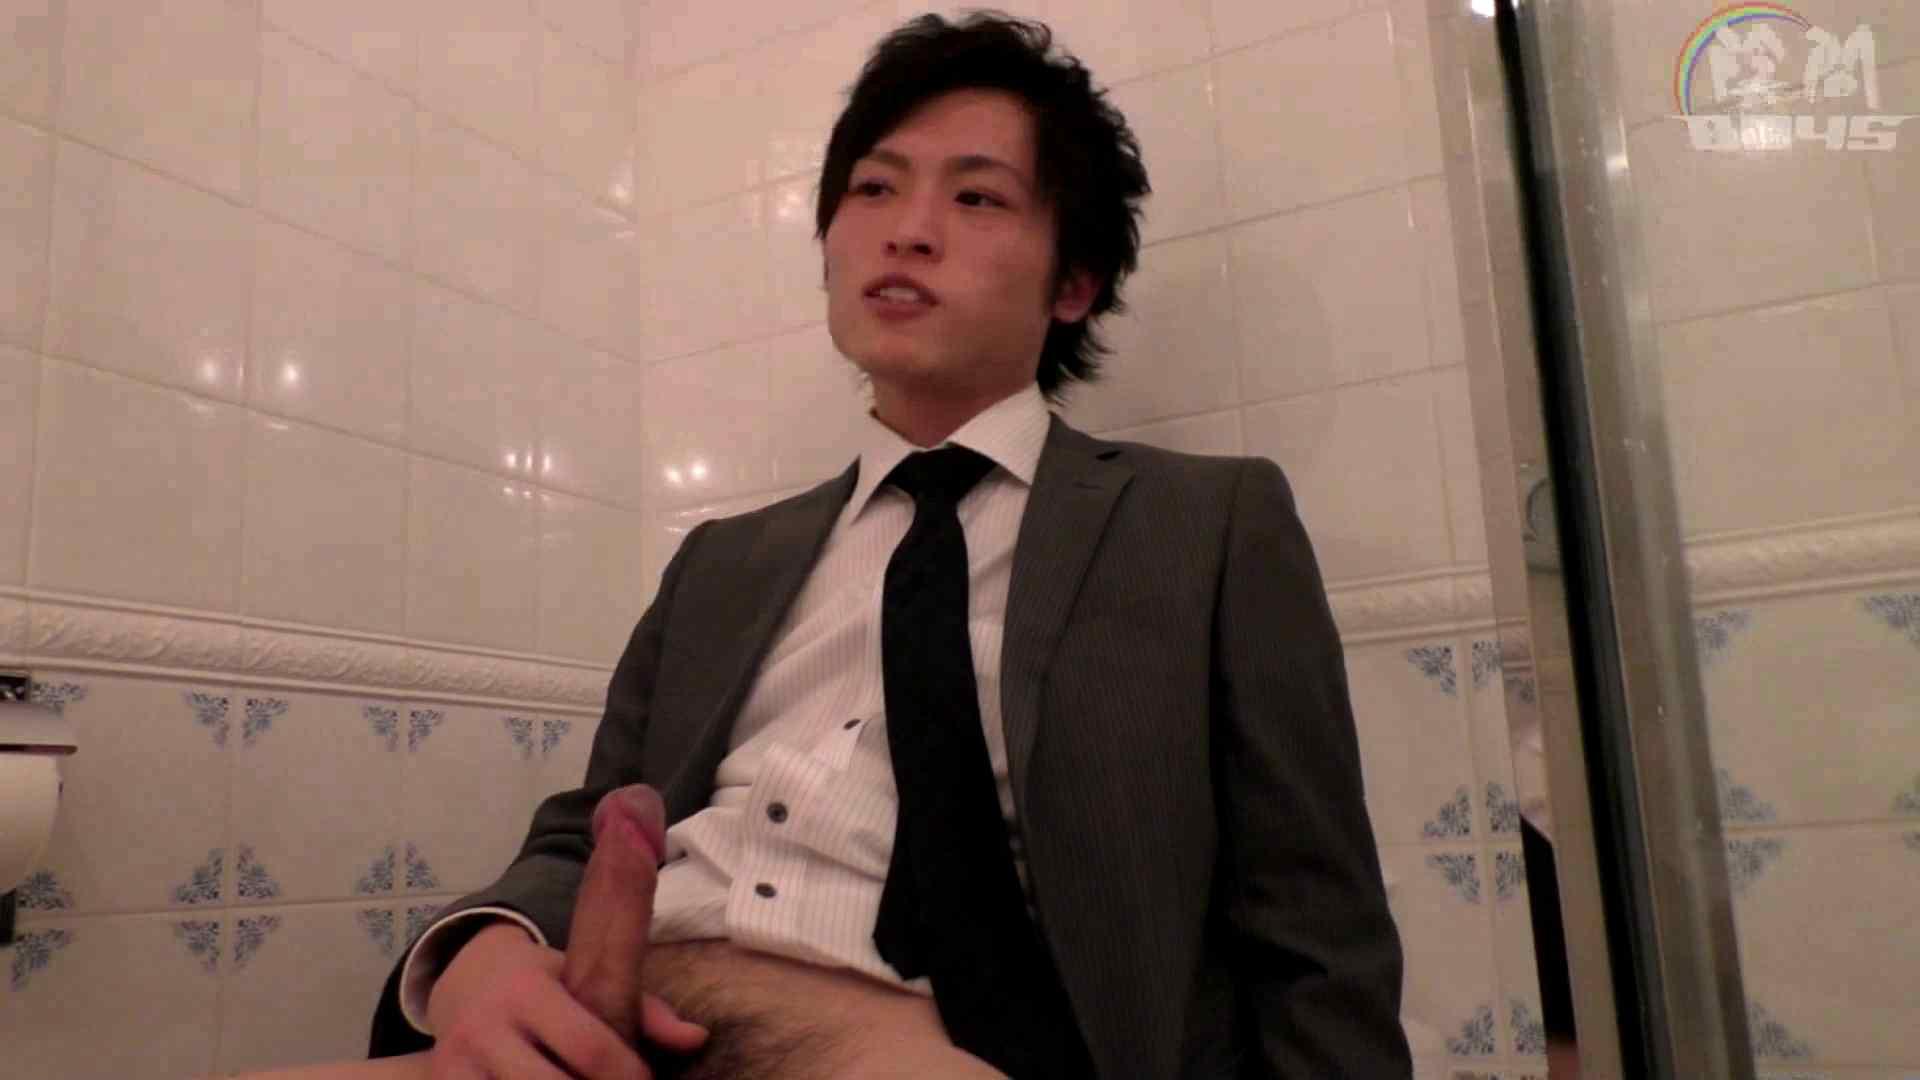 陰間BOYS~AV男優面接2、俺のアナルが…~01 男のセックス ゲイフェラチオ画像 106pic 28